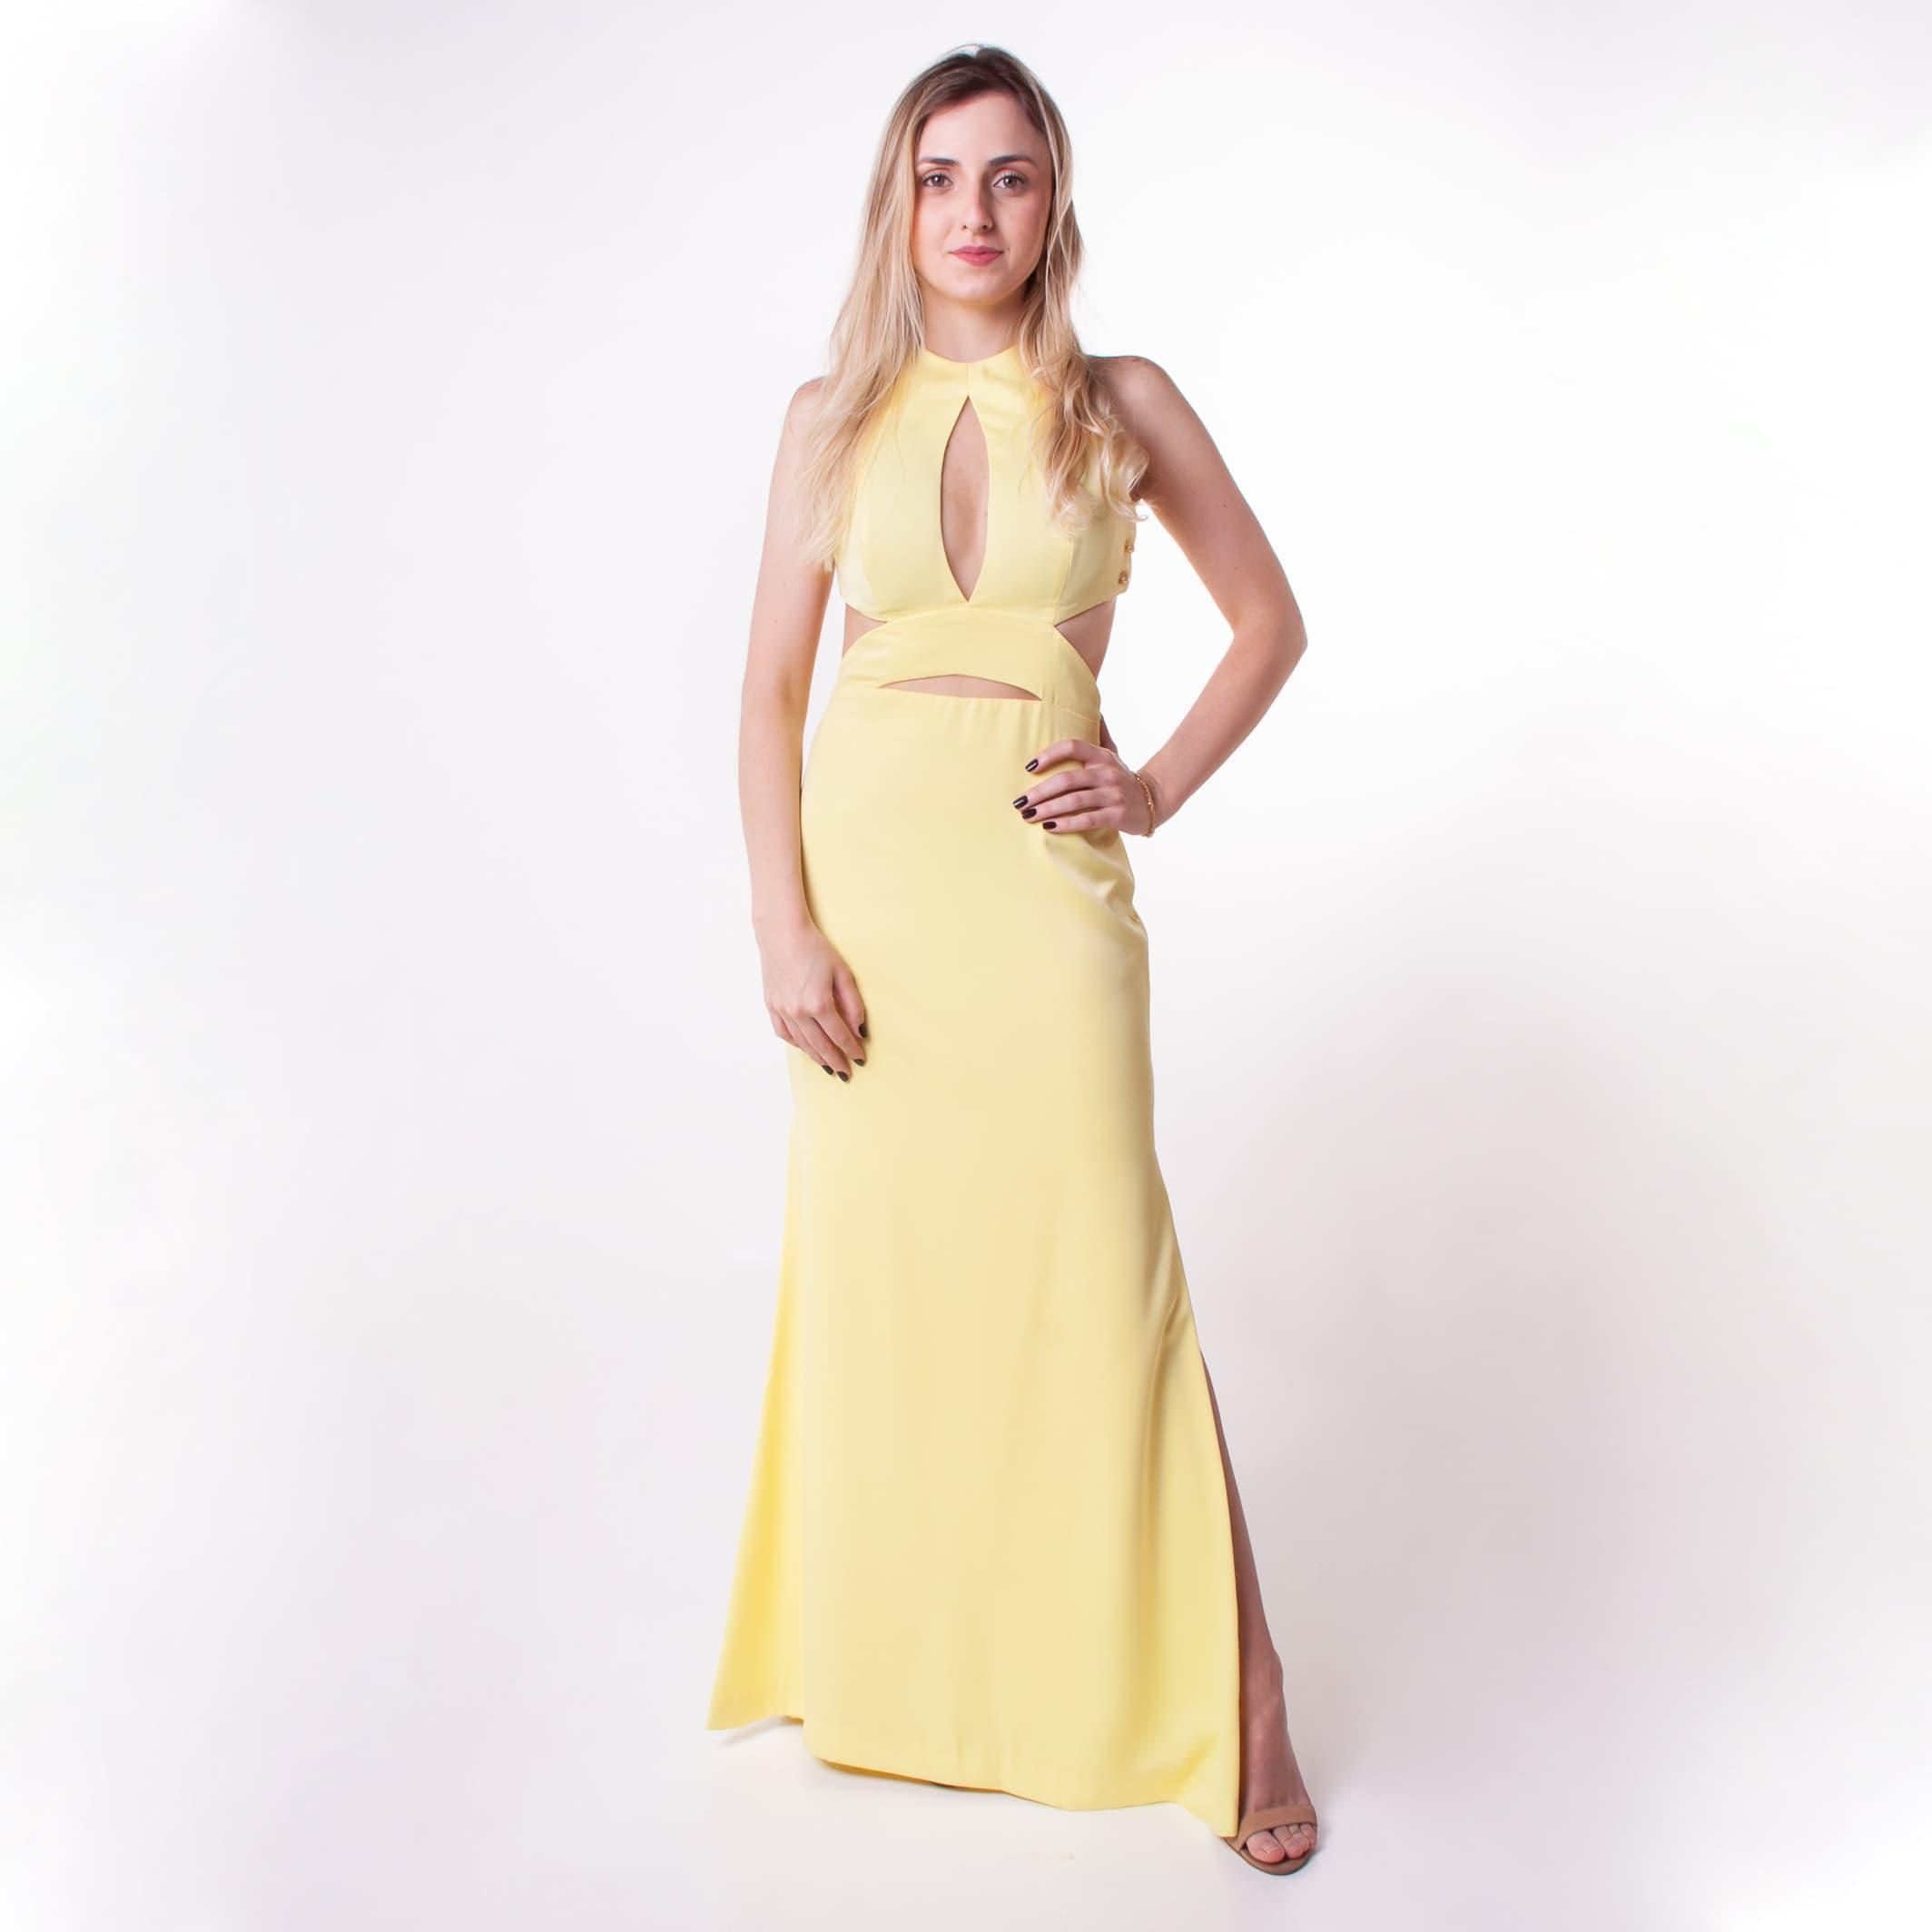 3 - Vestido amarelo com recortes